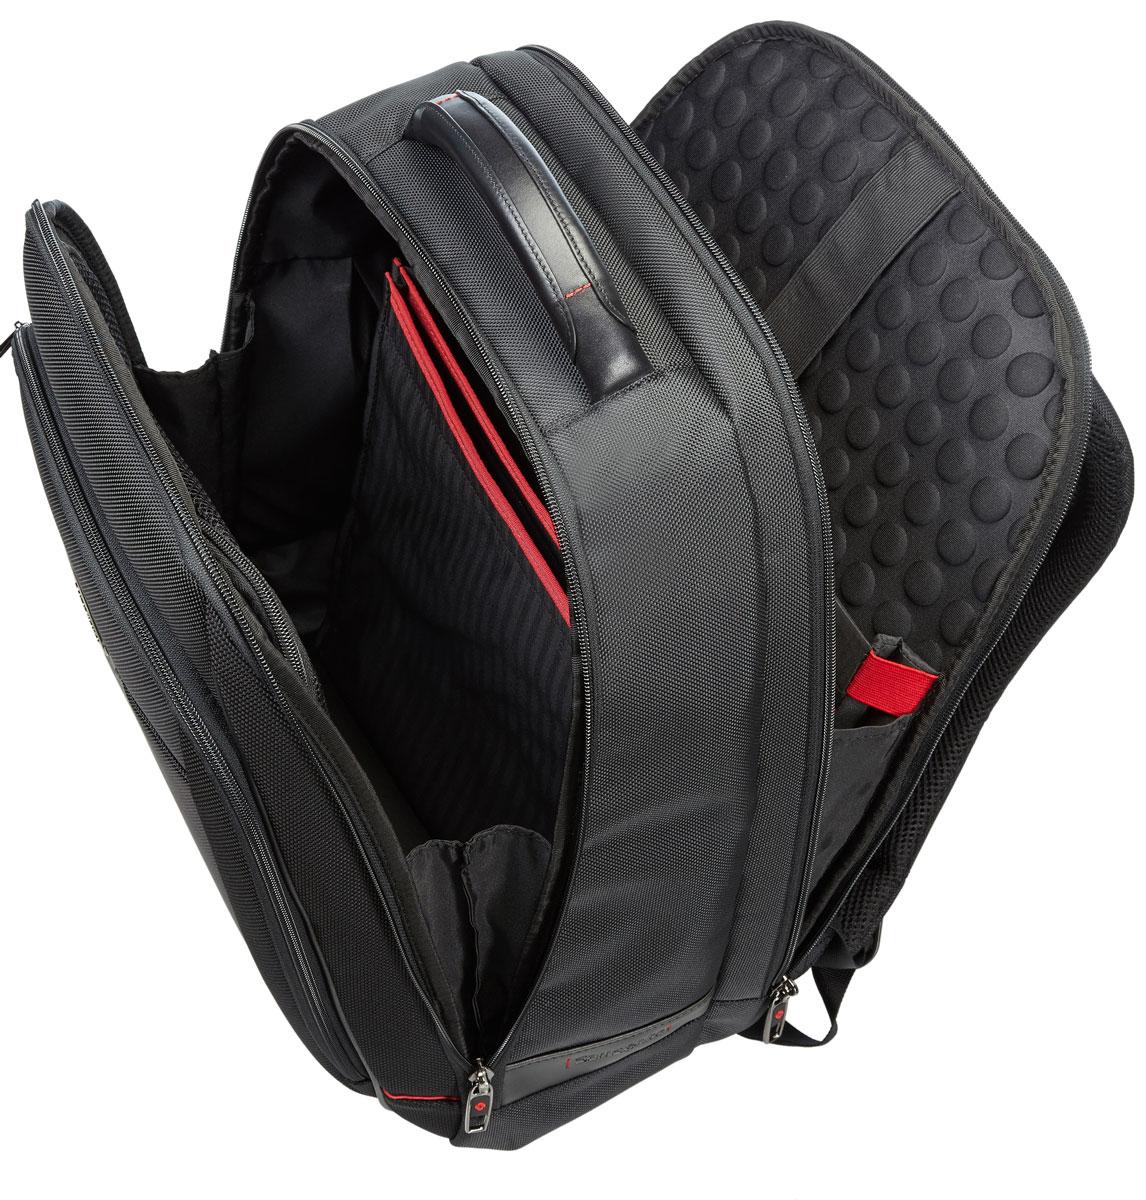 Рюкзак для ноутбука Samsonite Guardit, цвет: черный, 38 х 19 х 48 смU9BP02Рюкзак для ноутбука Samsonite Guardit до 16 изготовлен из полиэстера. Коллекция Guardit является идеальным решением для пользователей ноутбуков,объединяет в себе базовую функциональность с отличным внешним видом. Особенности коллекции: передний карман с внутренней организацией, умный карман, верхняя ручка с прокладкой из неопрена.Размер рюкзака: 38 х 19 х 48 см Объем рюкзака: 26,5 л.